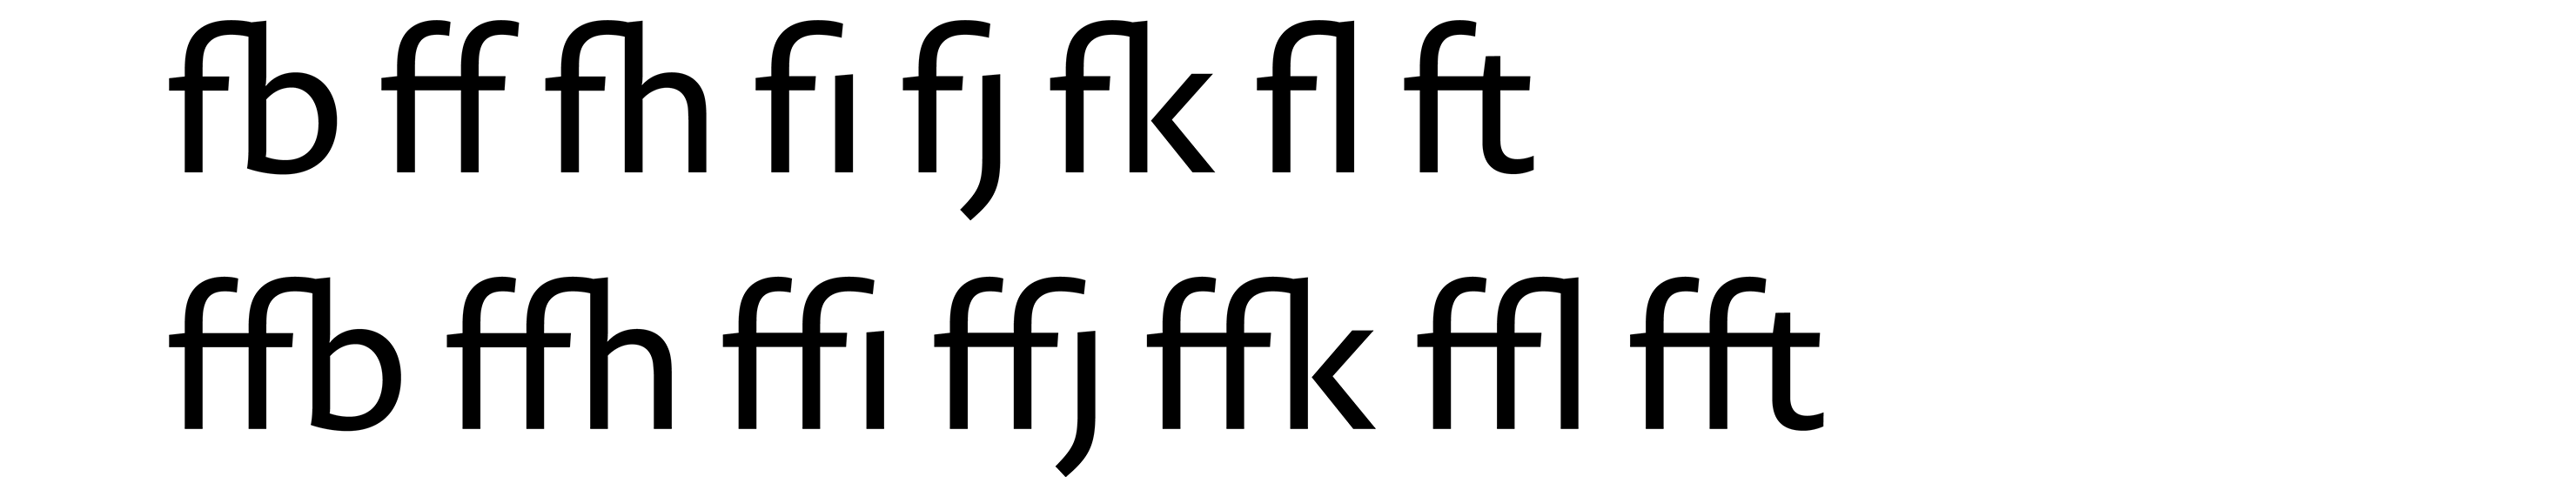 Typeface-Novel-Sans-F03-Atlas-Font-Foundry